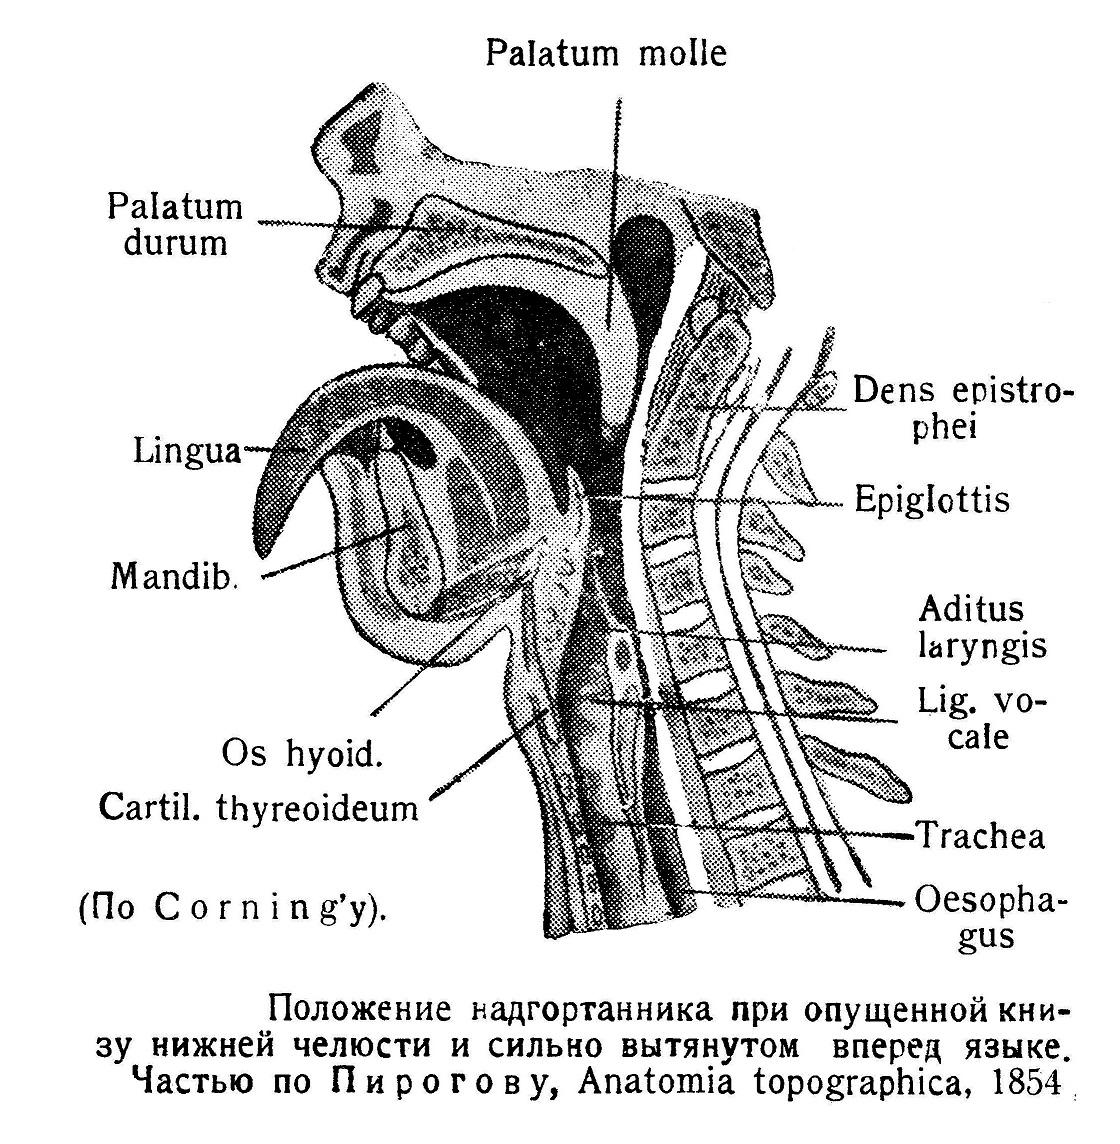 Положение надгортанника при опущенной книзу нижней челюсти и сильно вытянутом вперед языке.